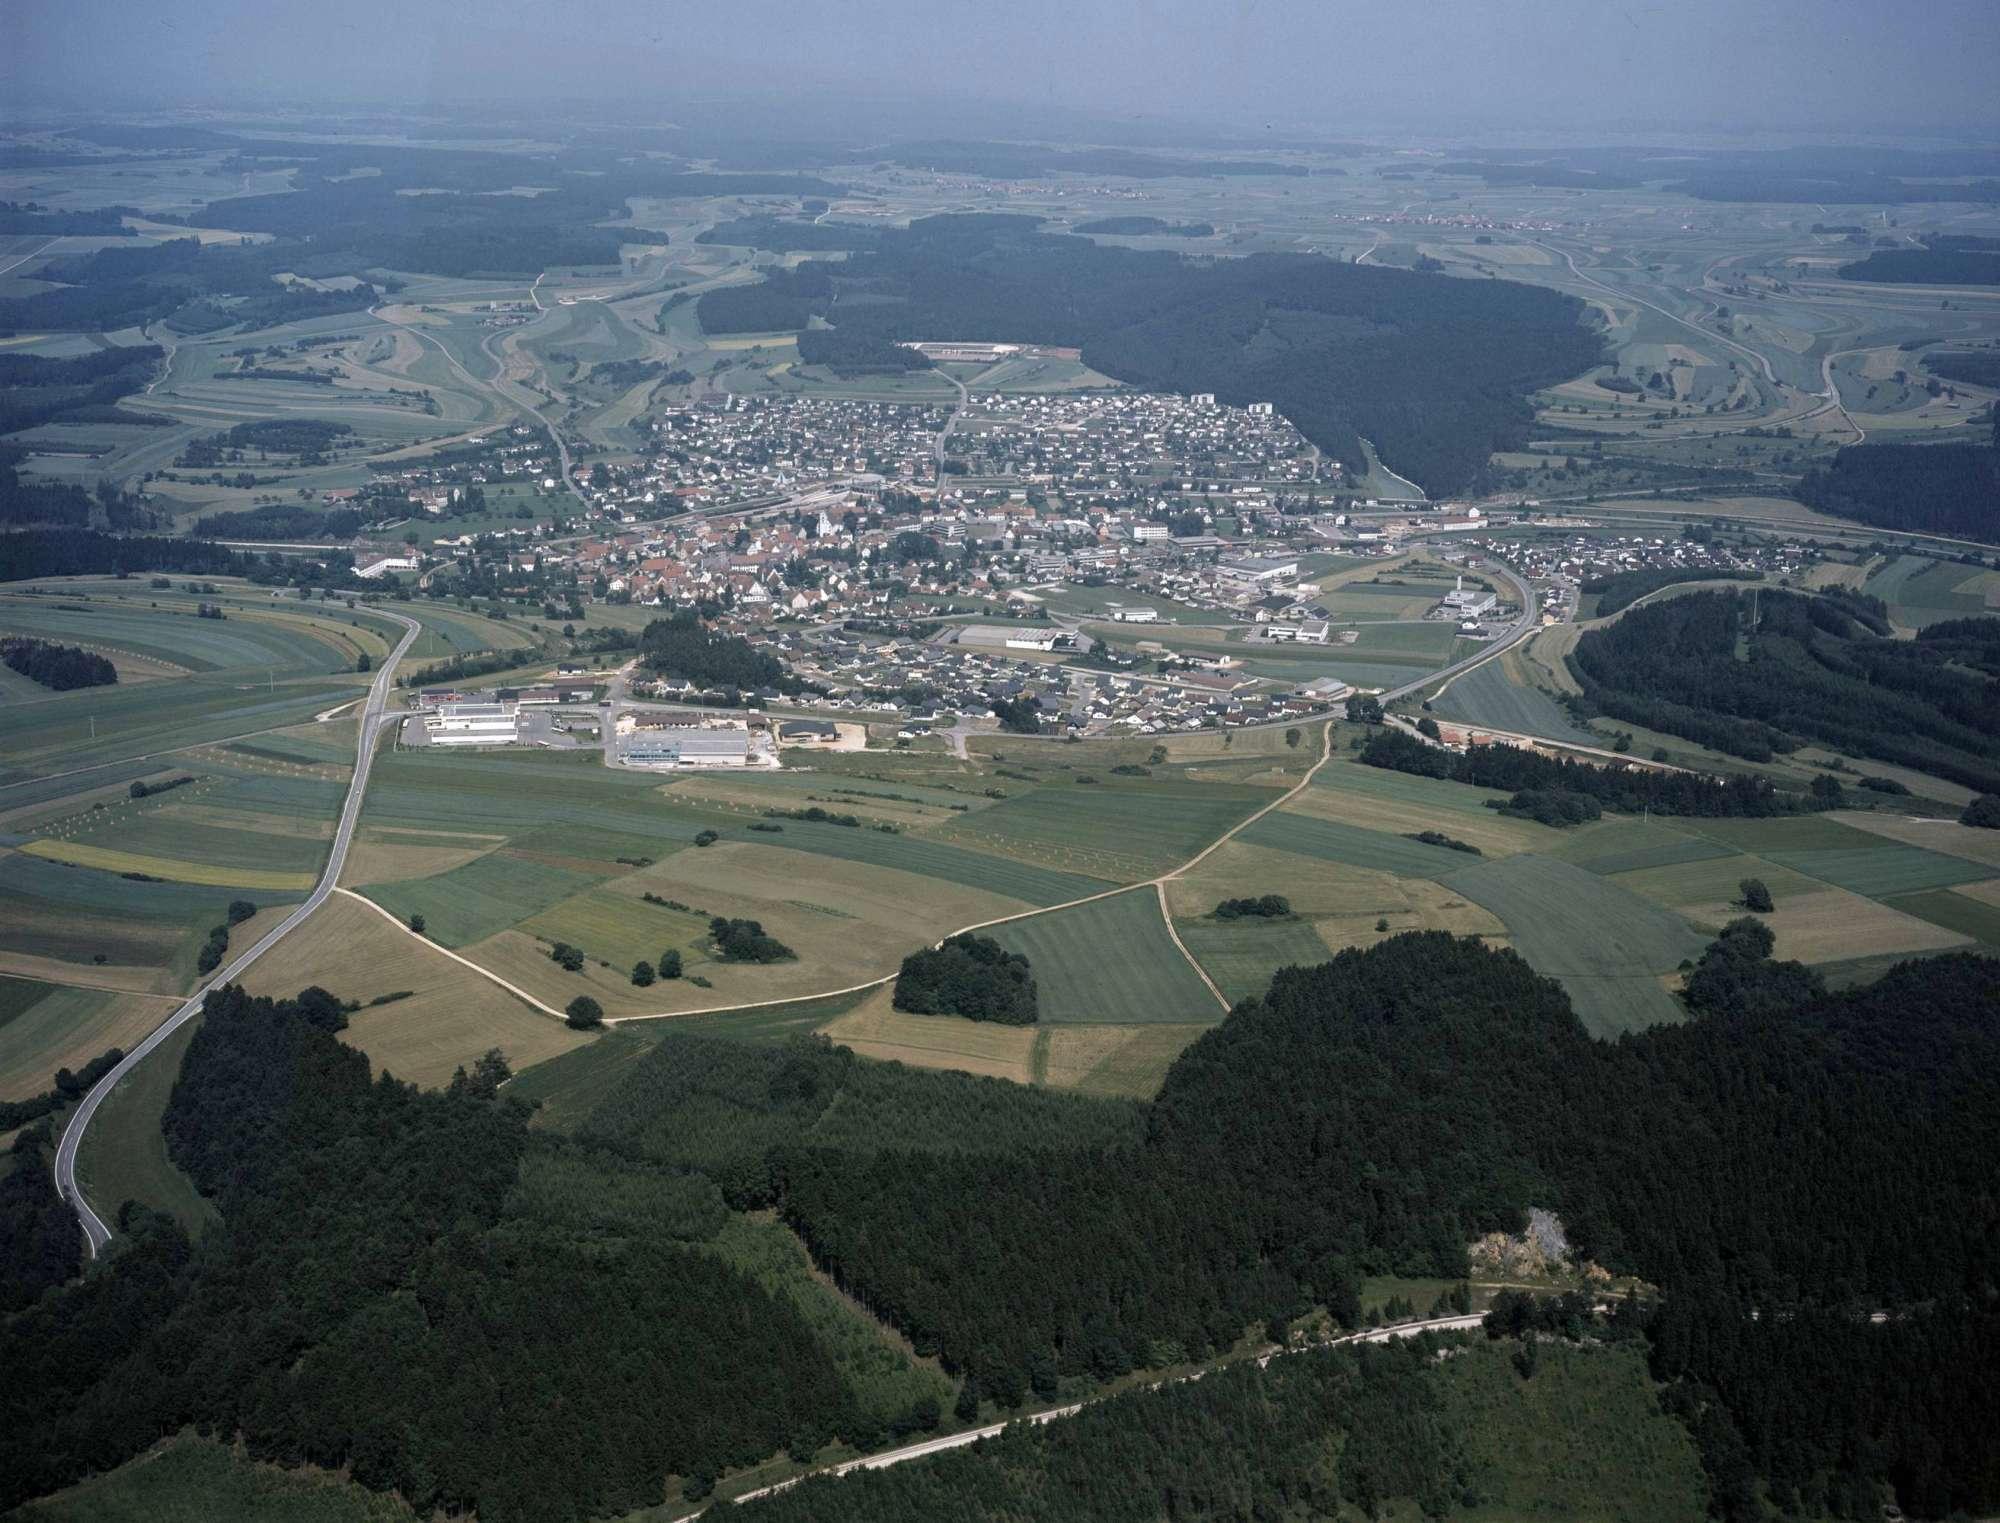 Gammertingen, Luftbild, Bild 1